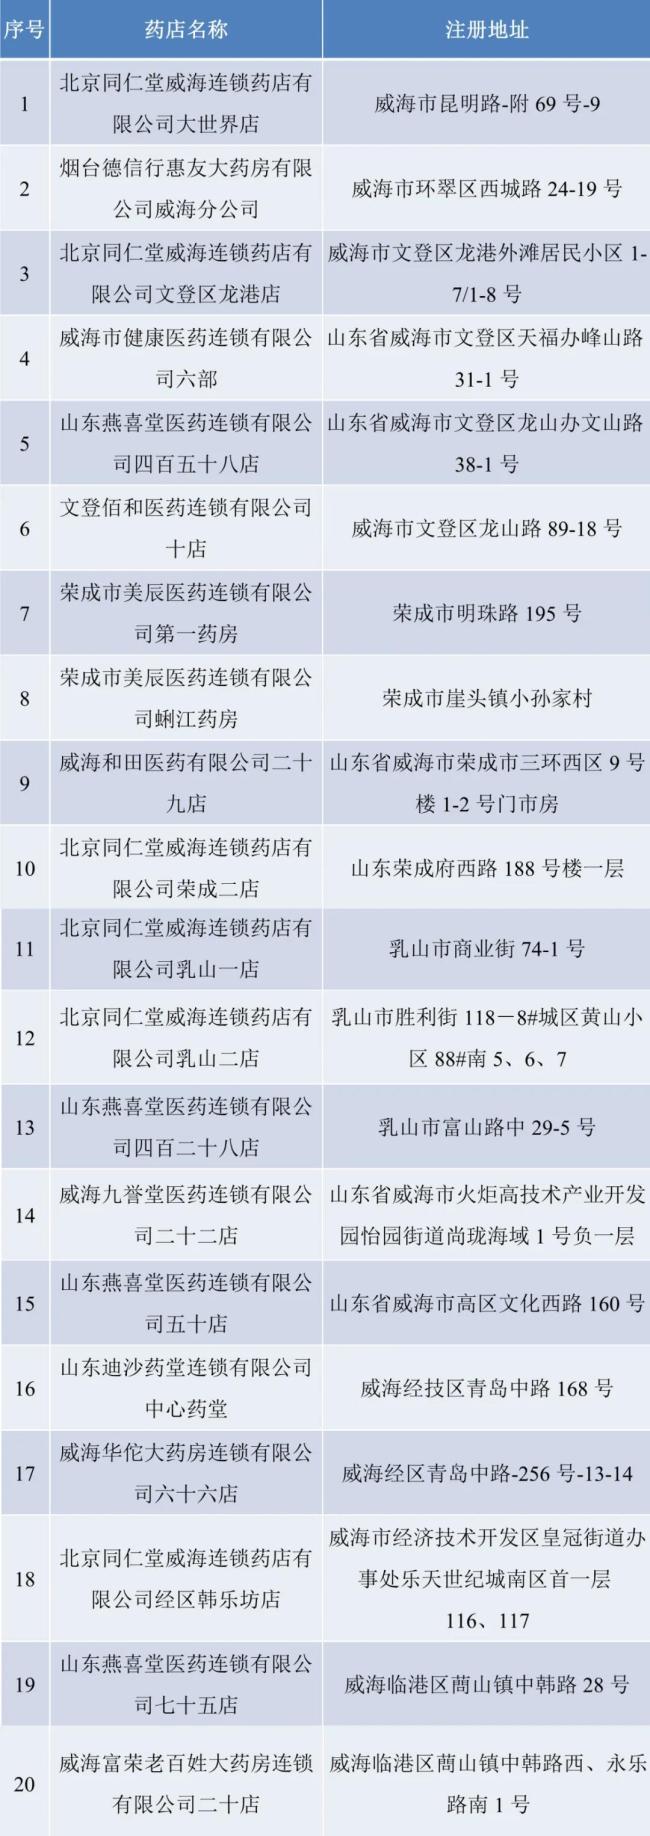 """威海市20家药店入选""""山东省放心消费示范药店"""""""